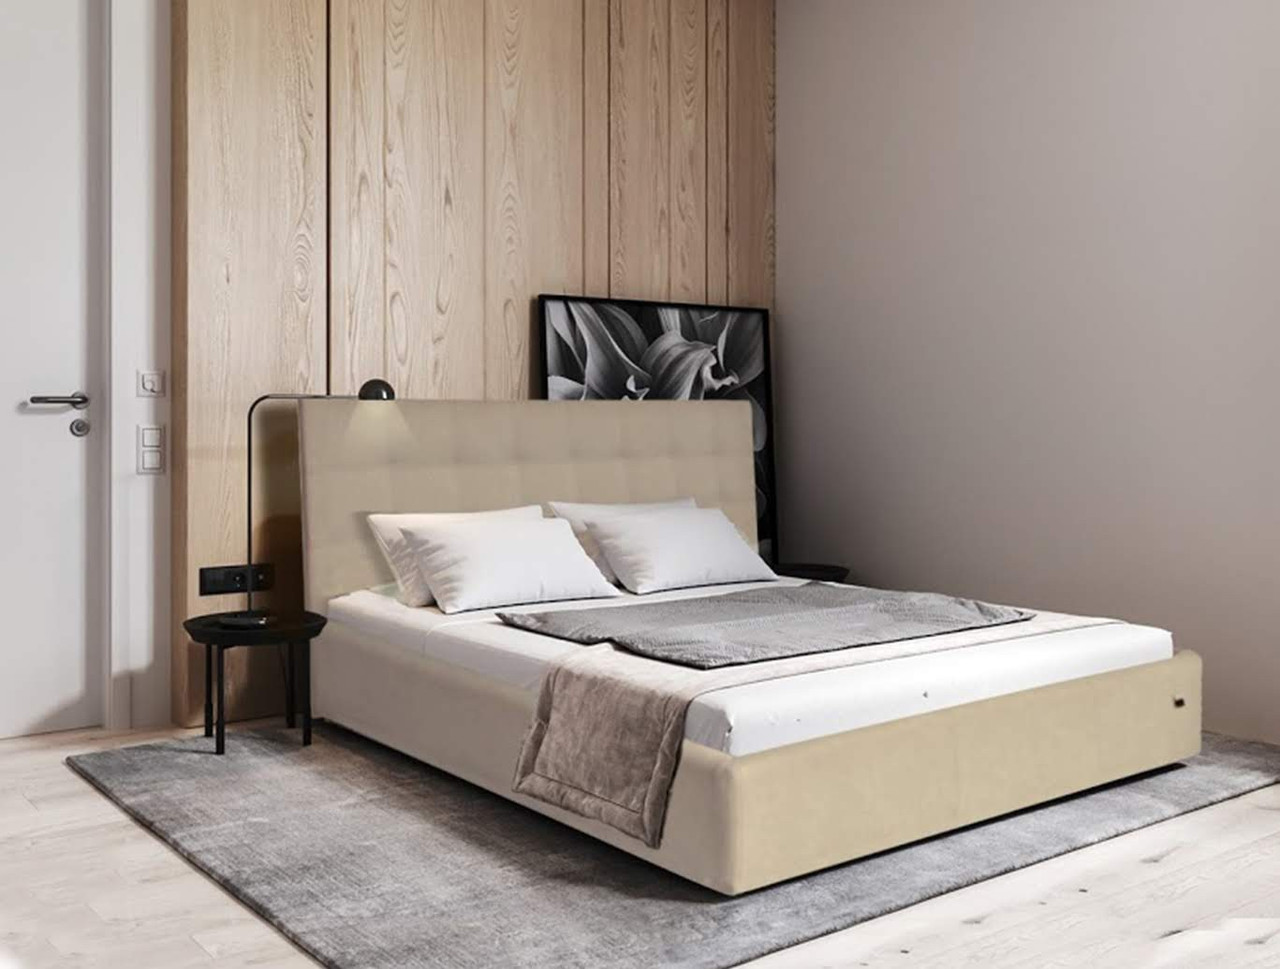 Кровать Двуспальная Richman Честер 180 х 190 см Флай 2207 С подъемным механизмом и нишей для белья Бежевая